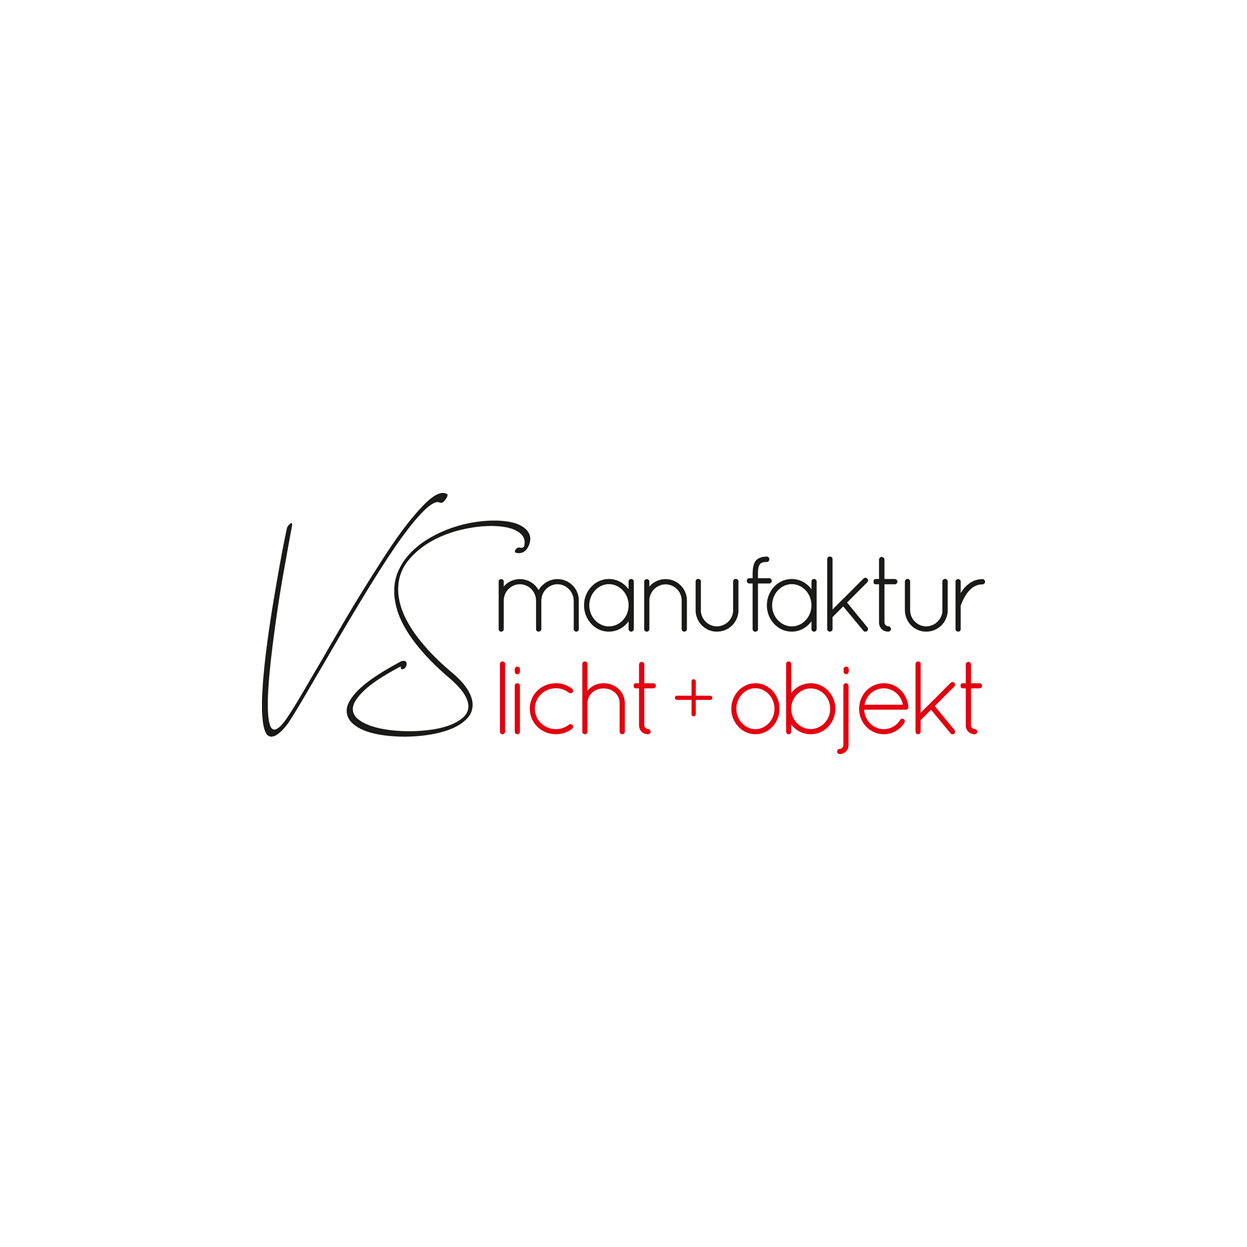 VSmanufaktur - Objekte Licht & Raum GmbH in Hamburg